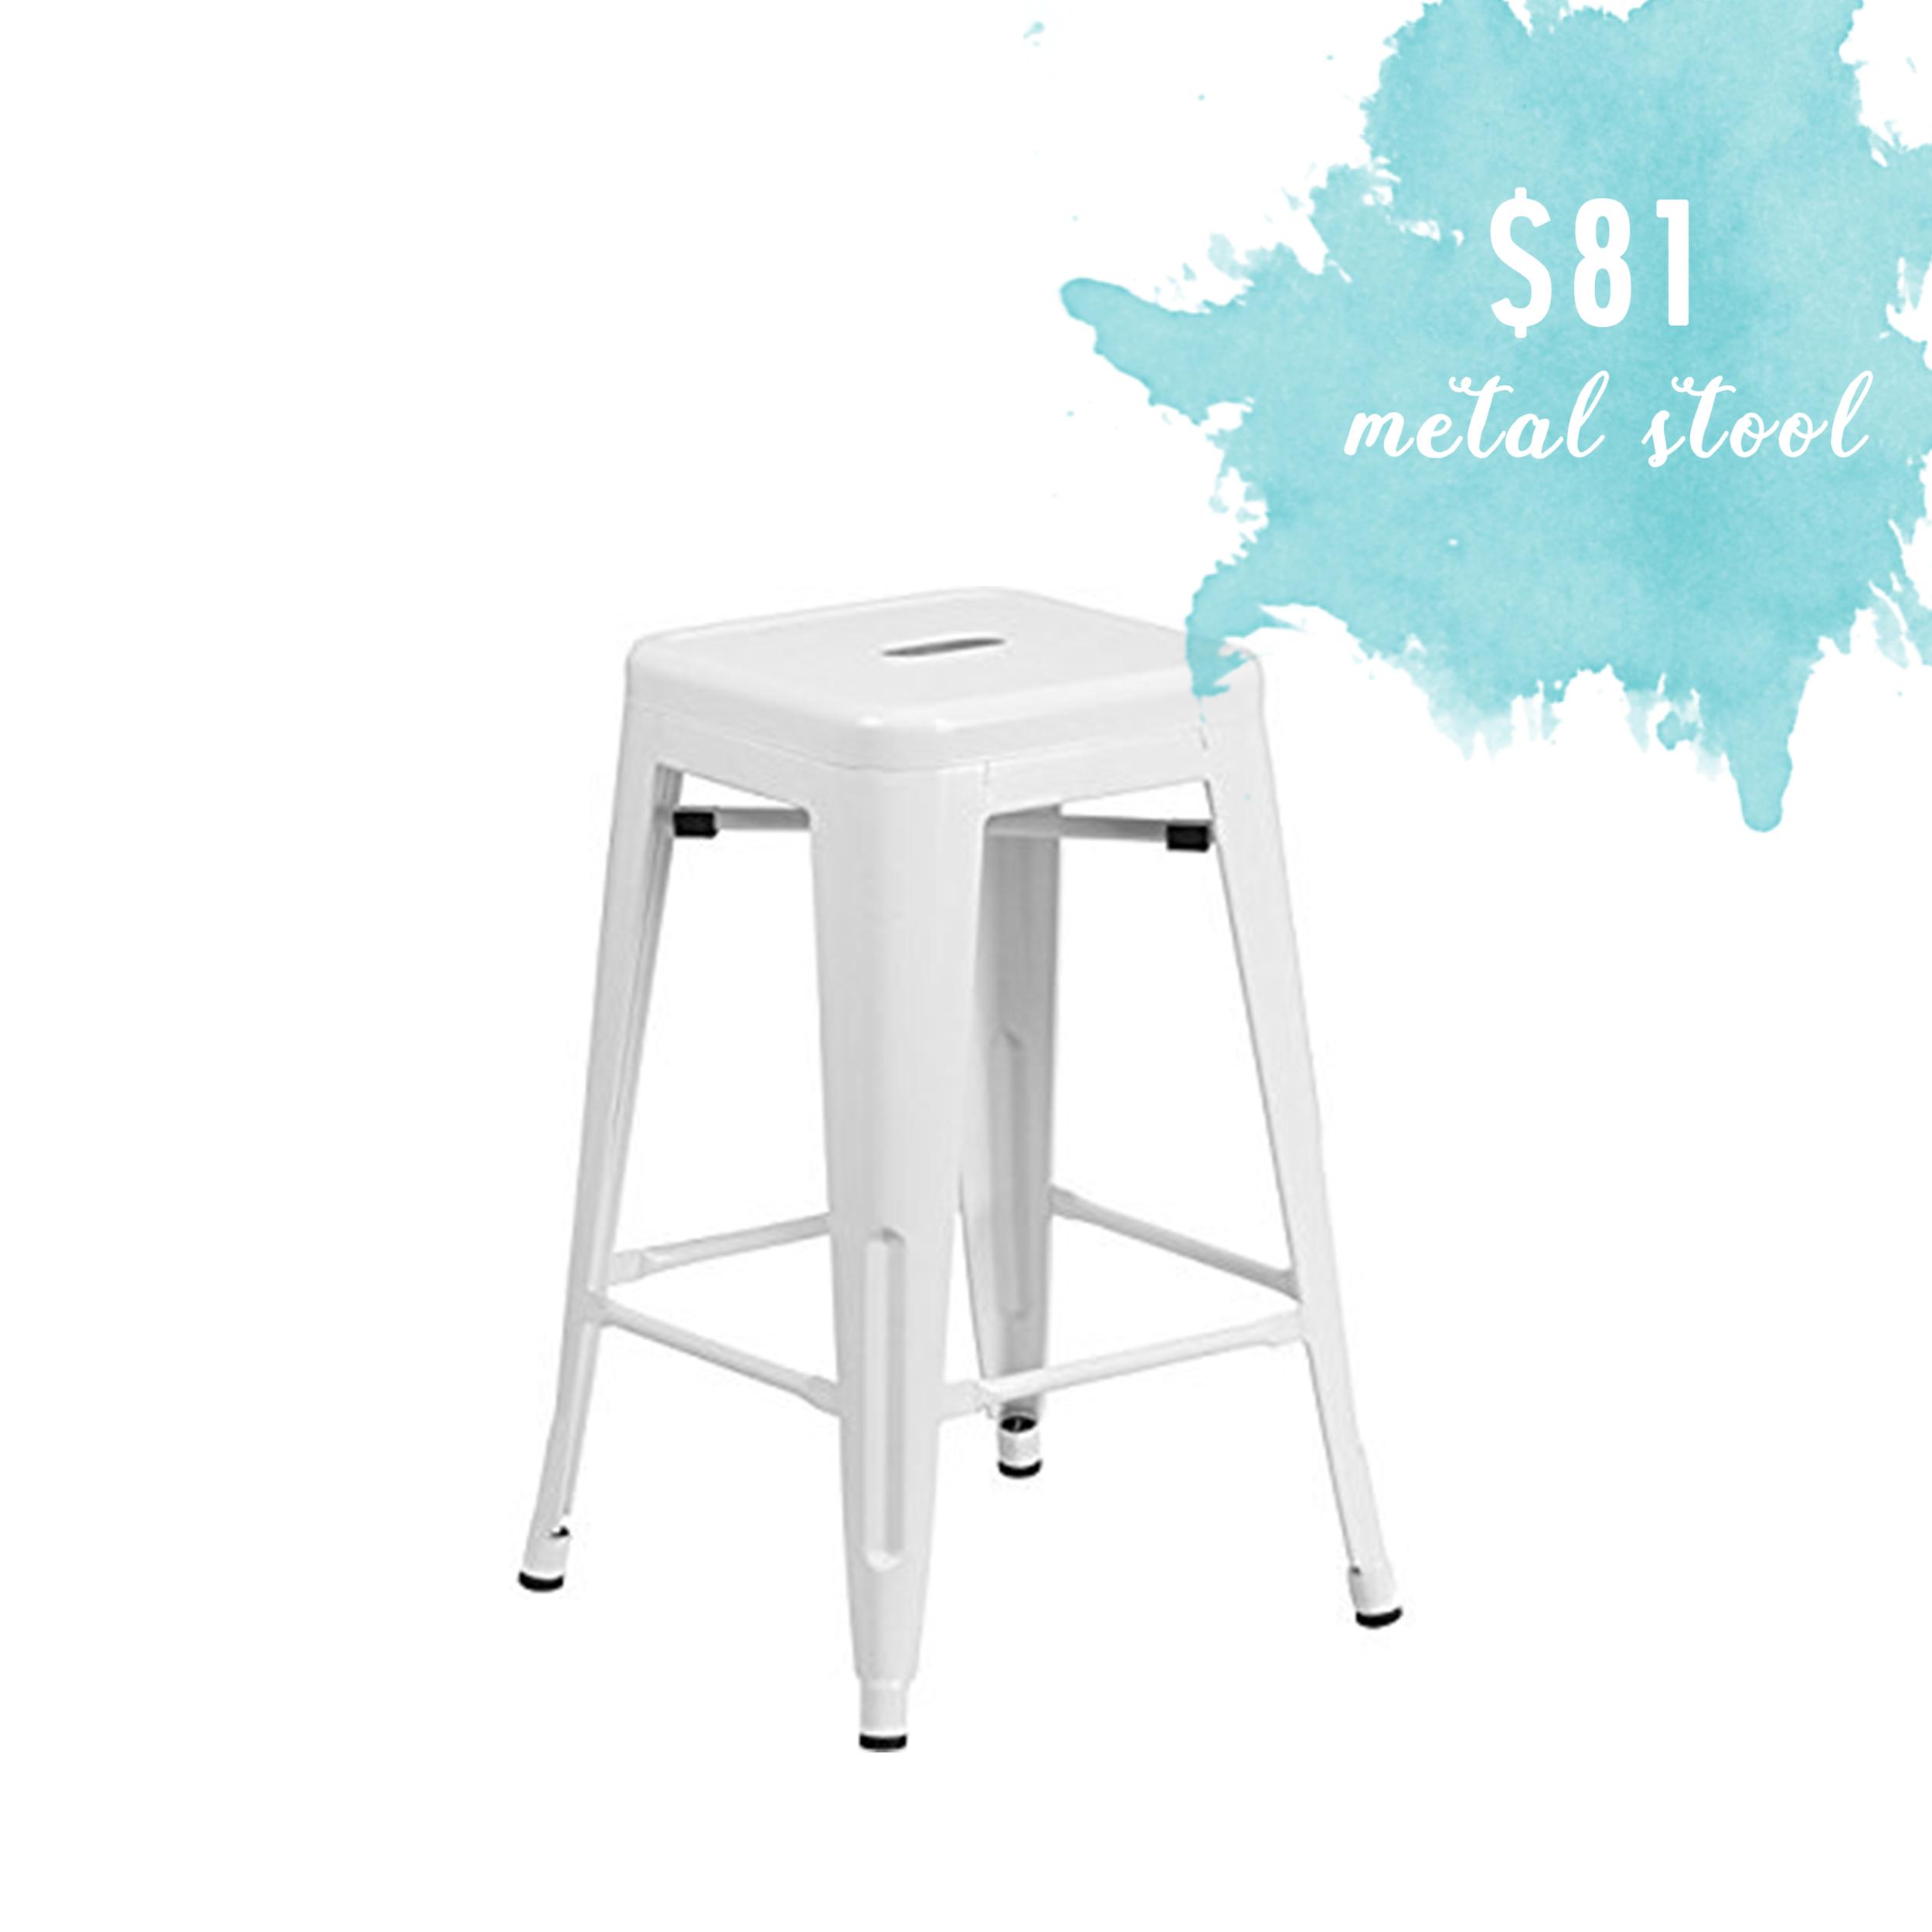 lb metal stool.png